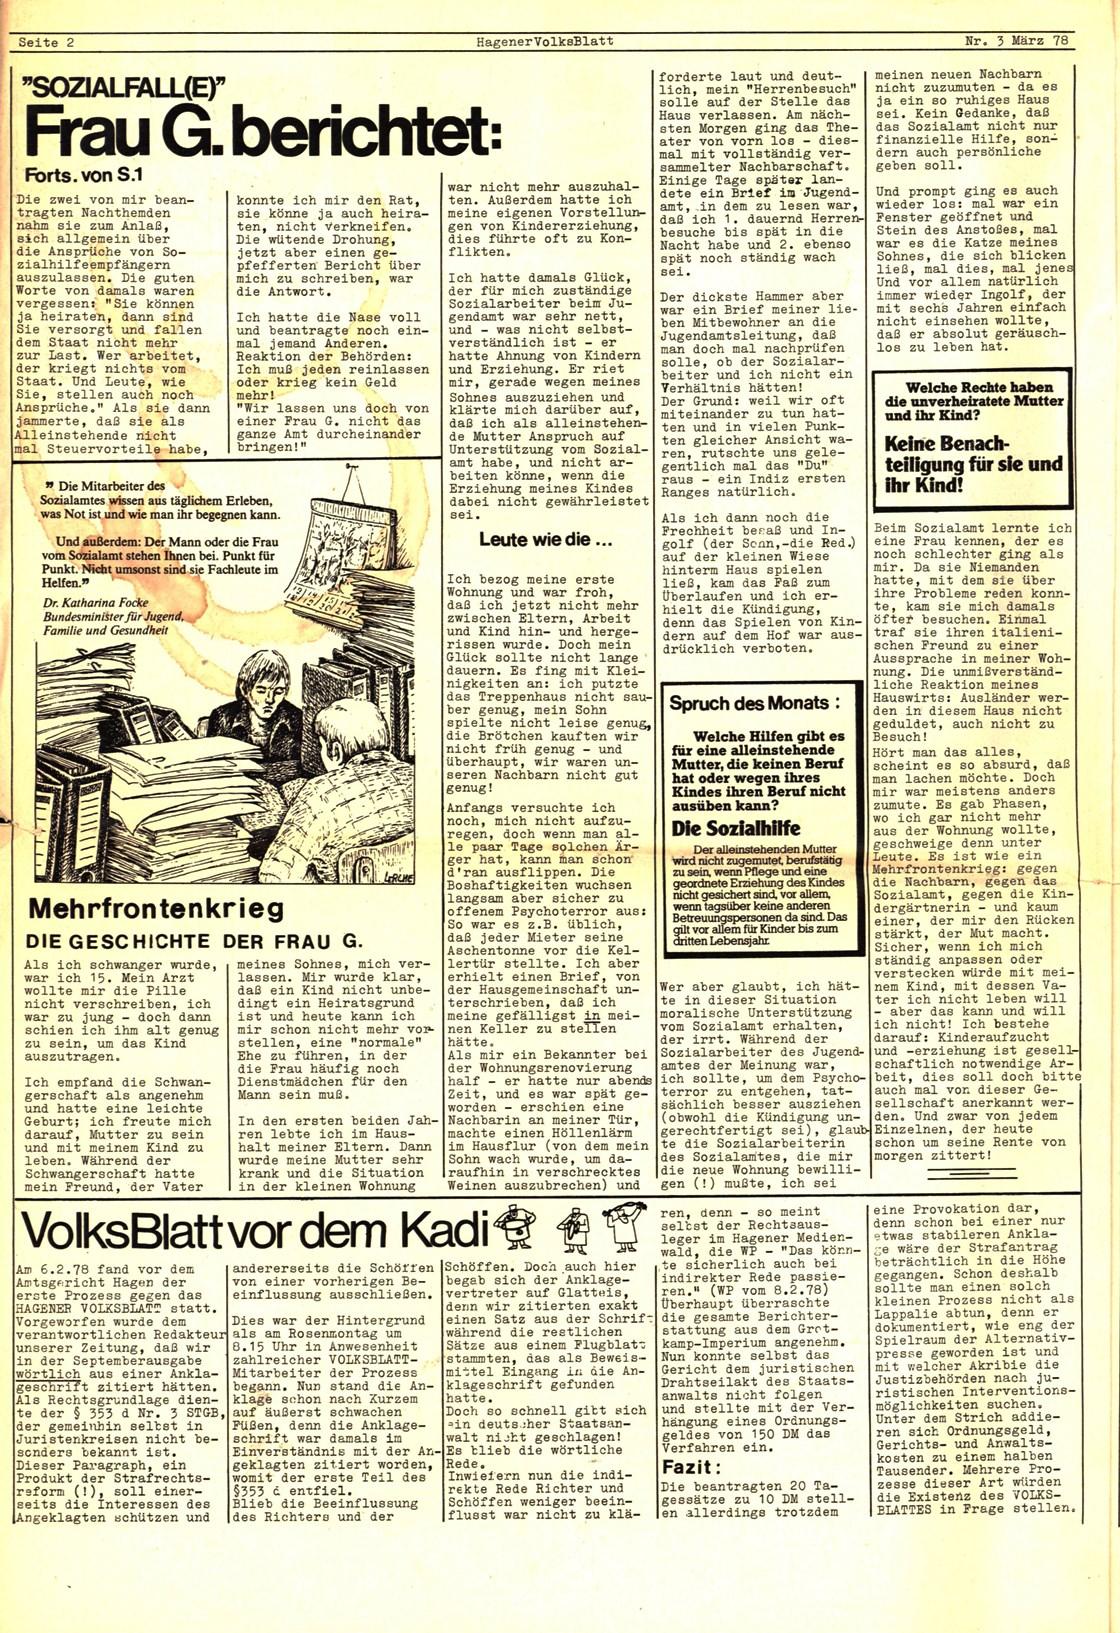 Hagen_Volksblatt_19780300_02